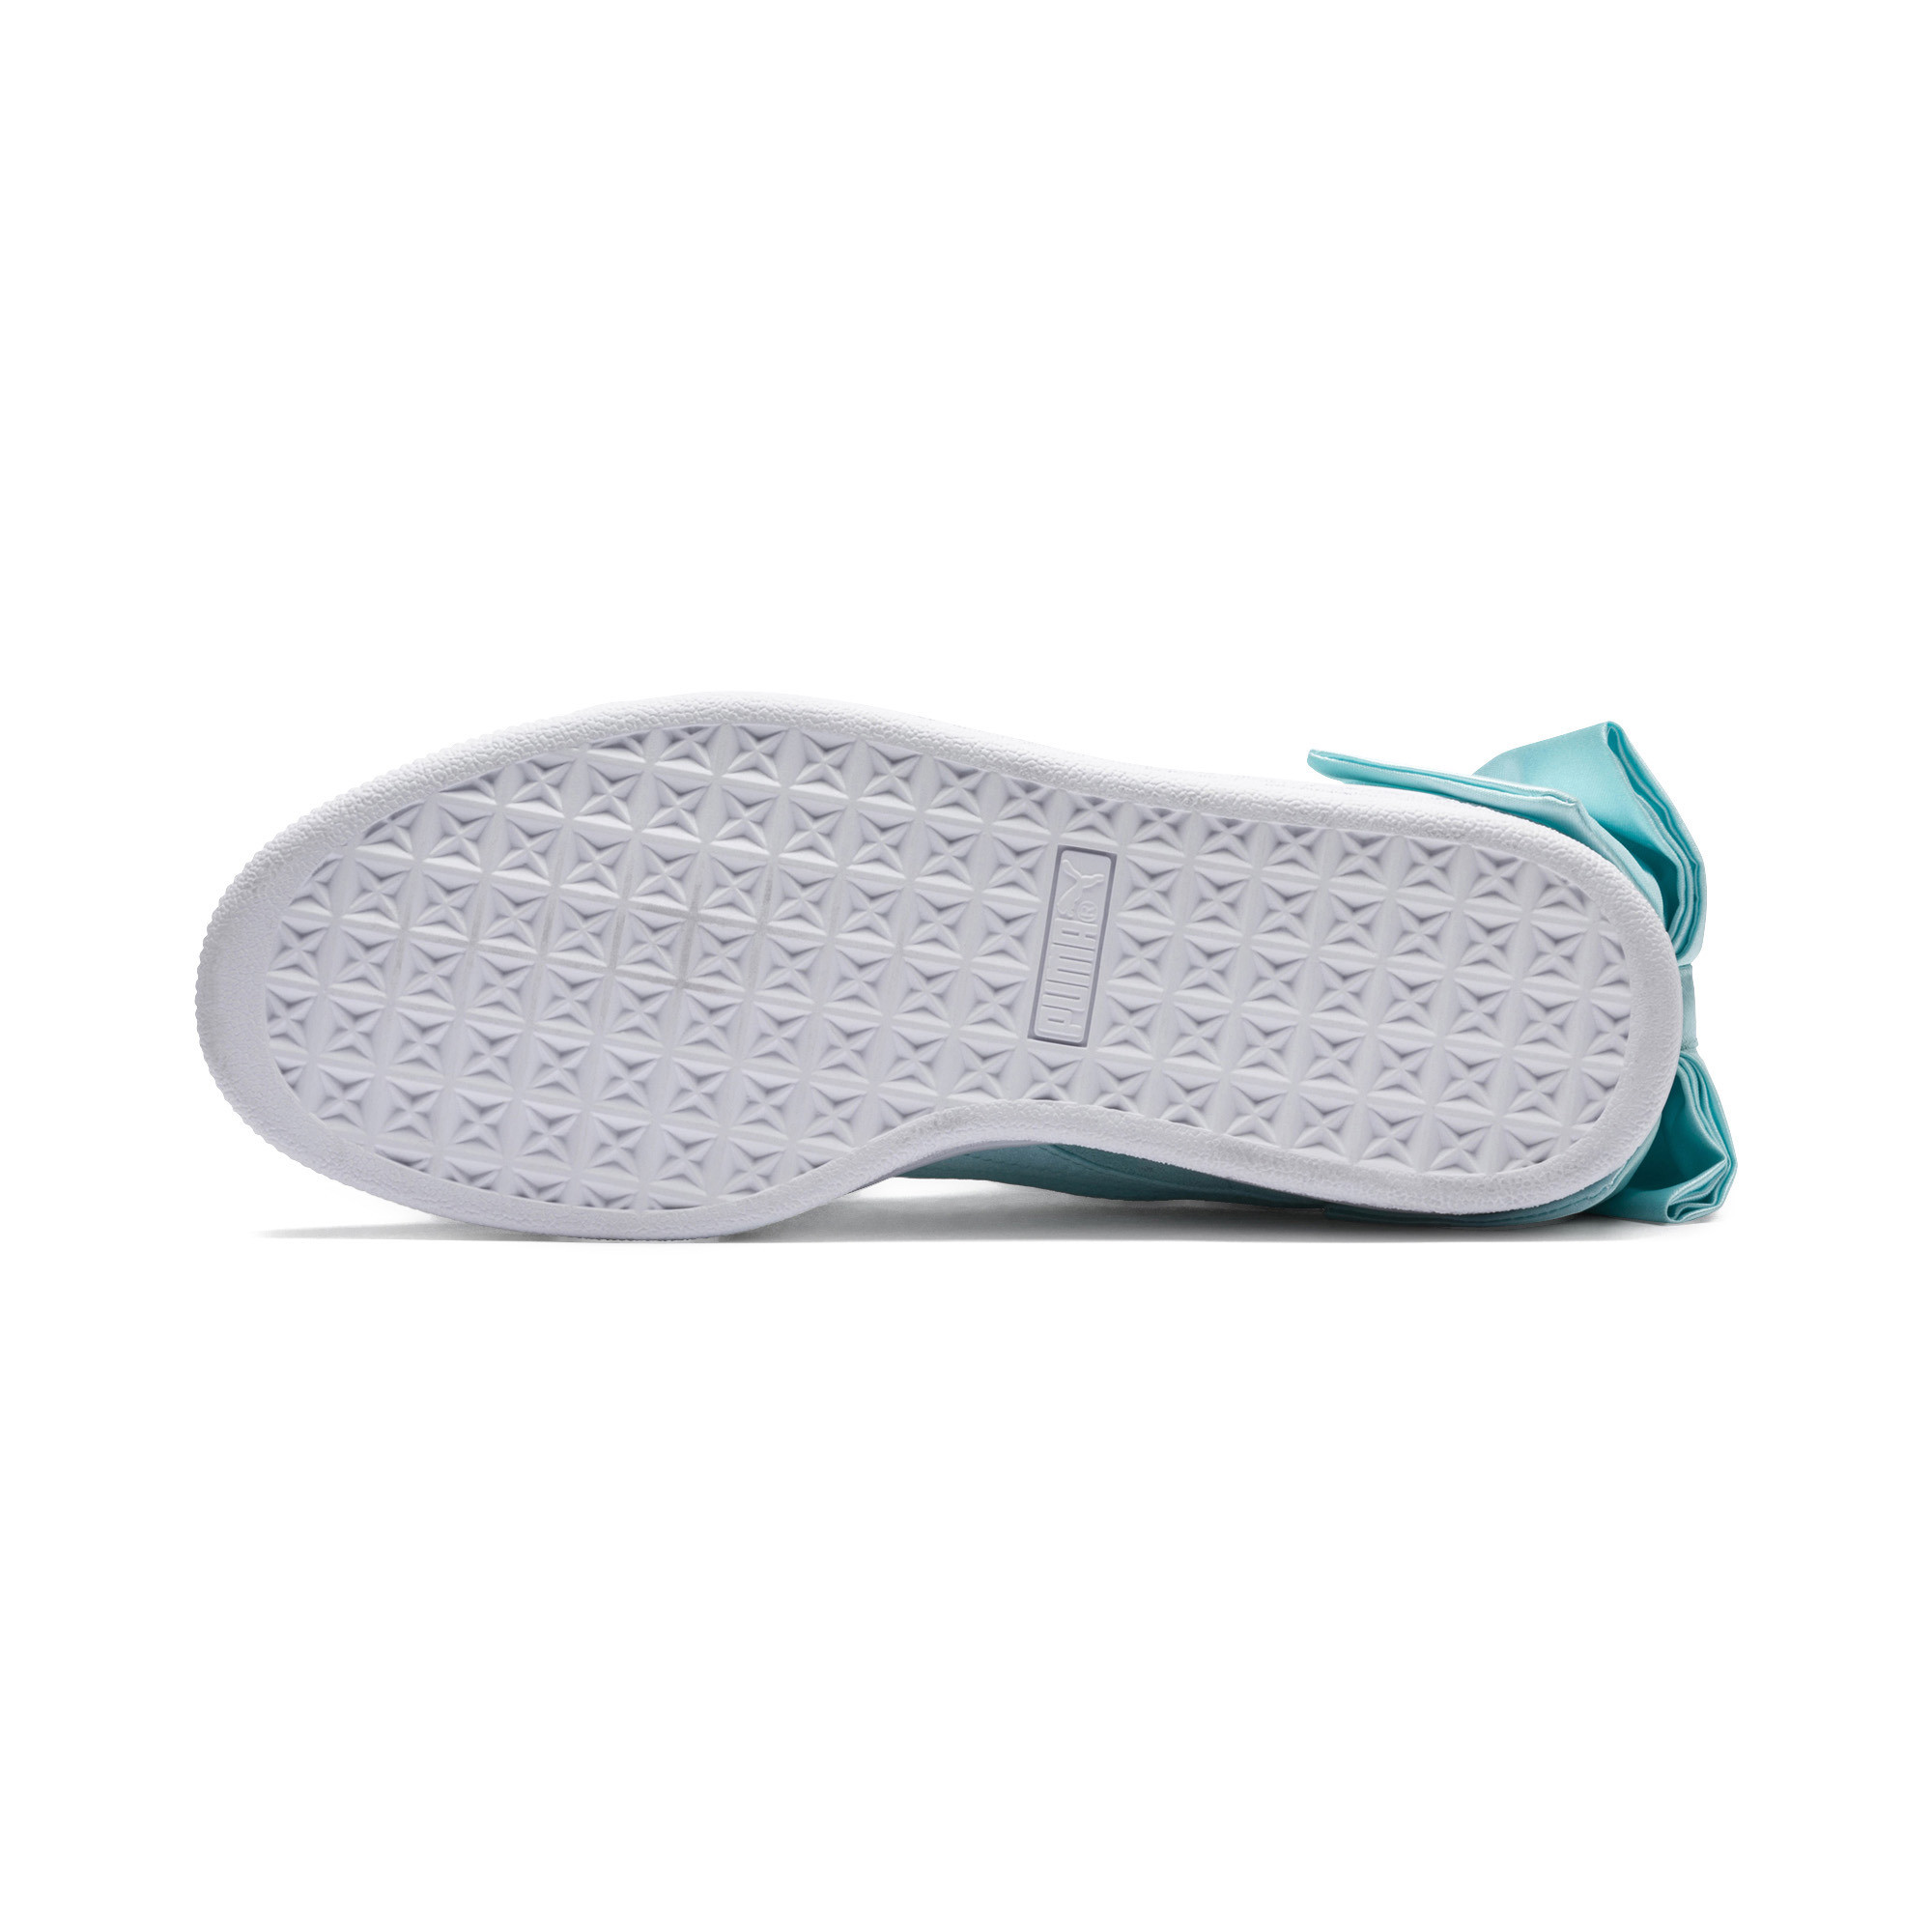 Indexbild 19 - PUMA Suede Bow Damen Frauen Schuhe Sport Classics Neu